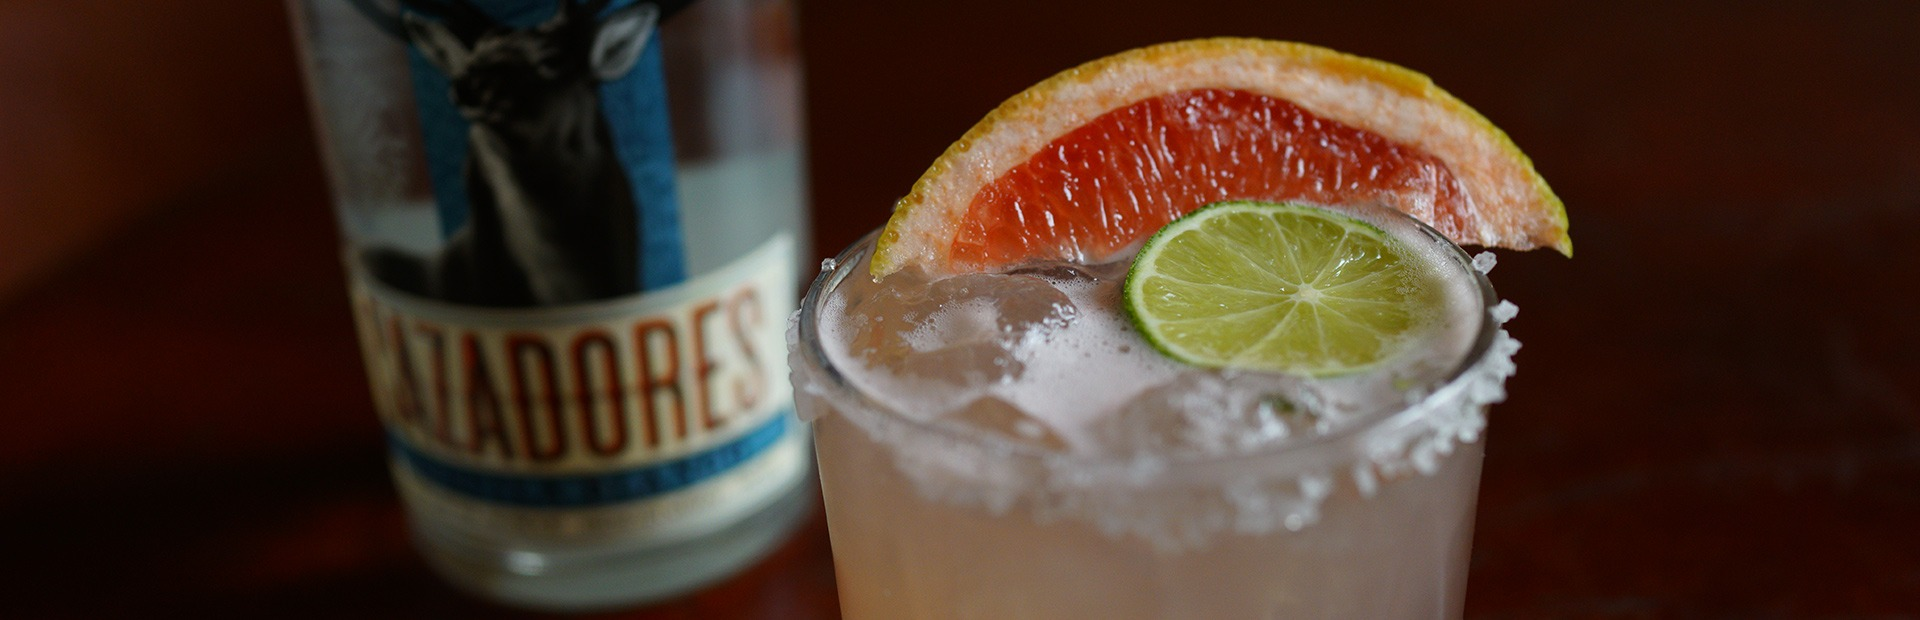 Highland Margarita